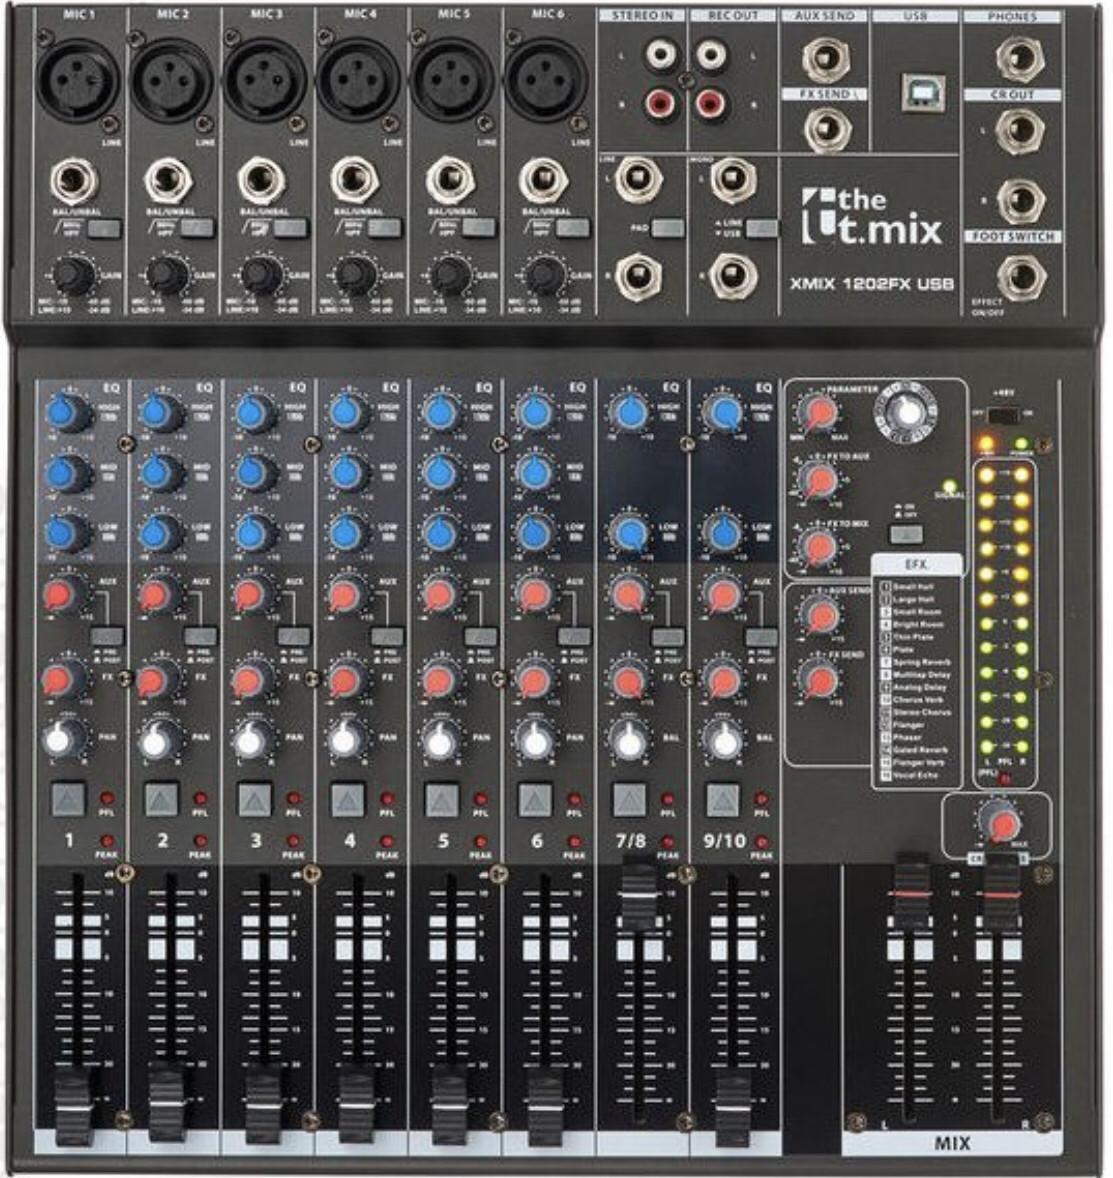 Пассивный микшерный пульт The t.mix 1202FX USB